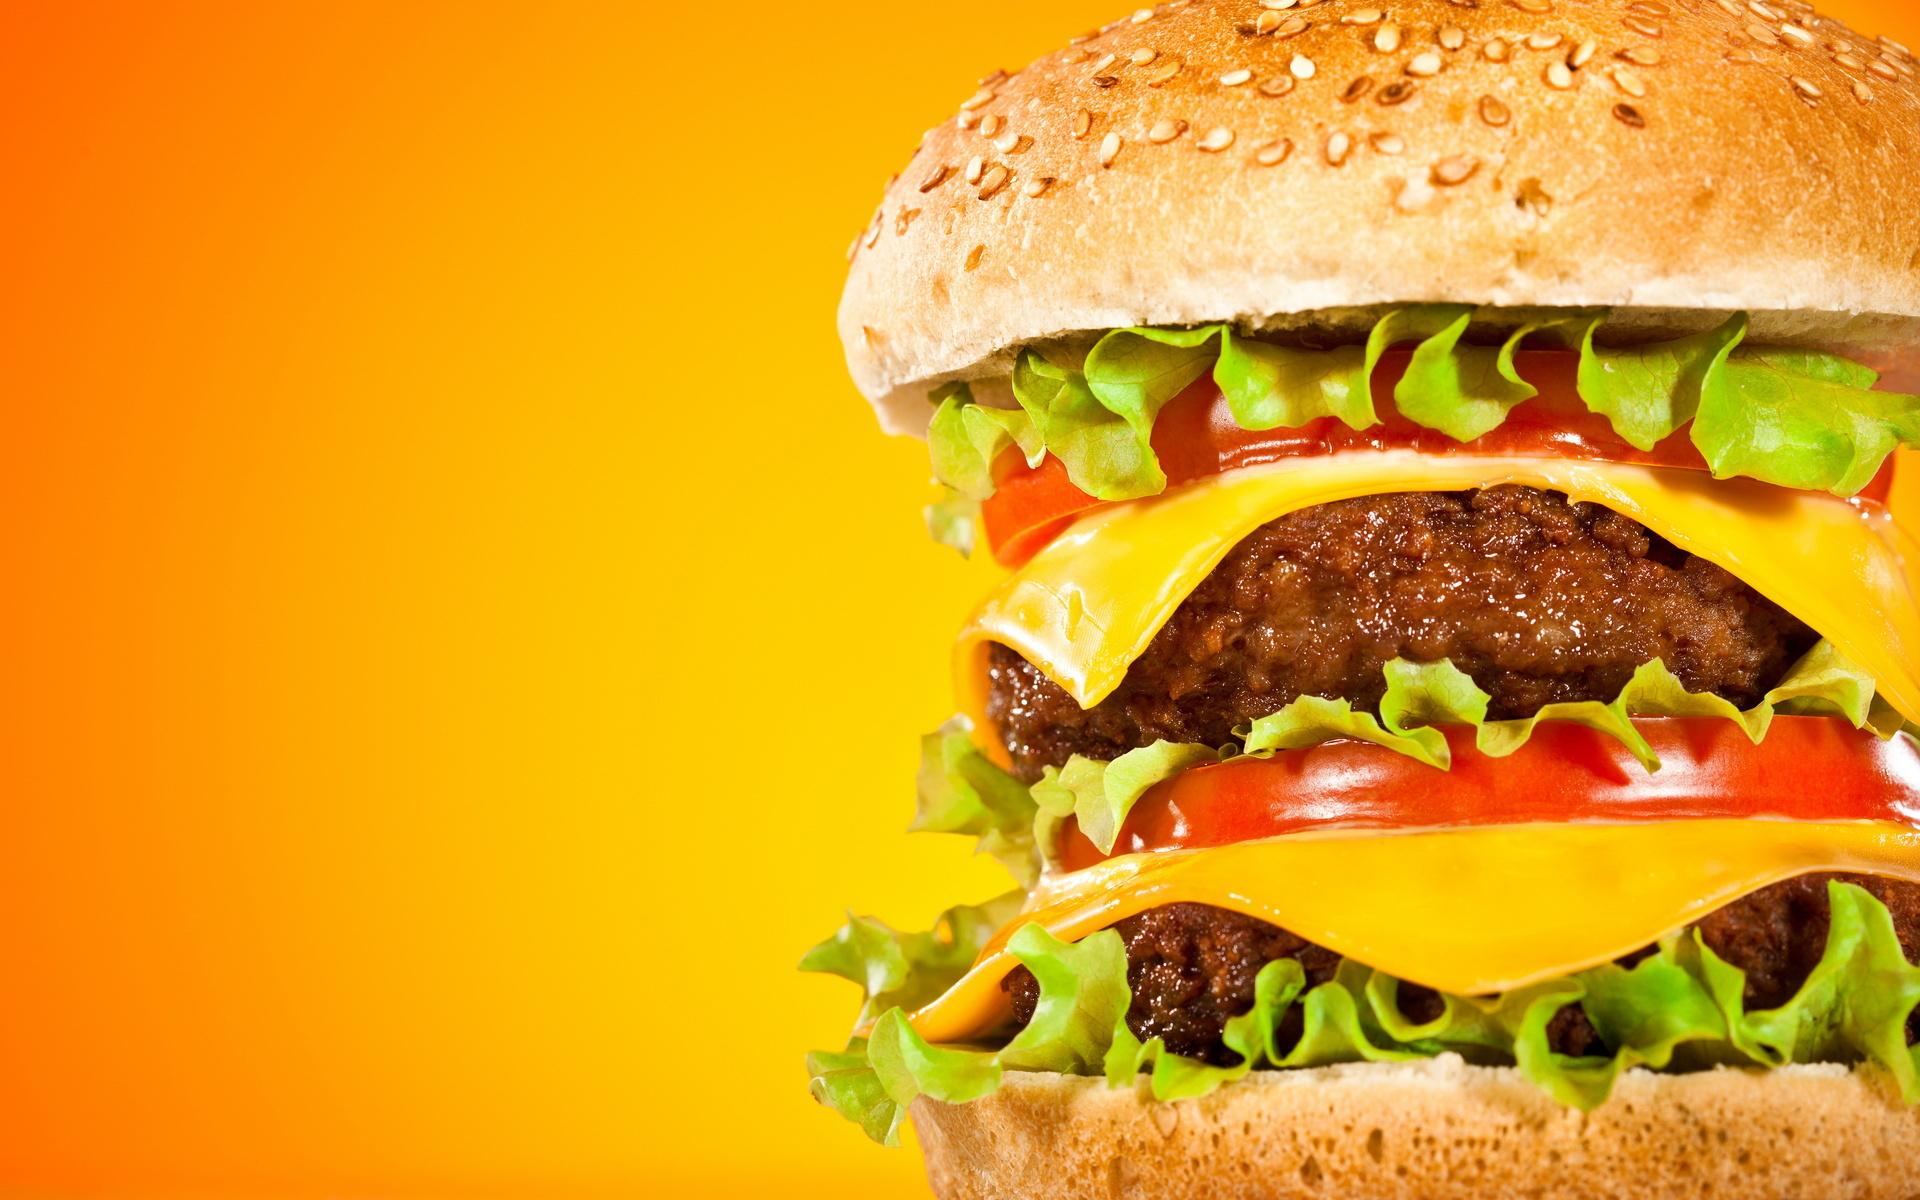 Burger HD Wallpaper